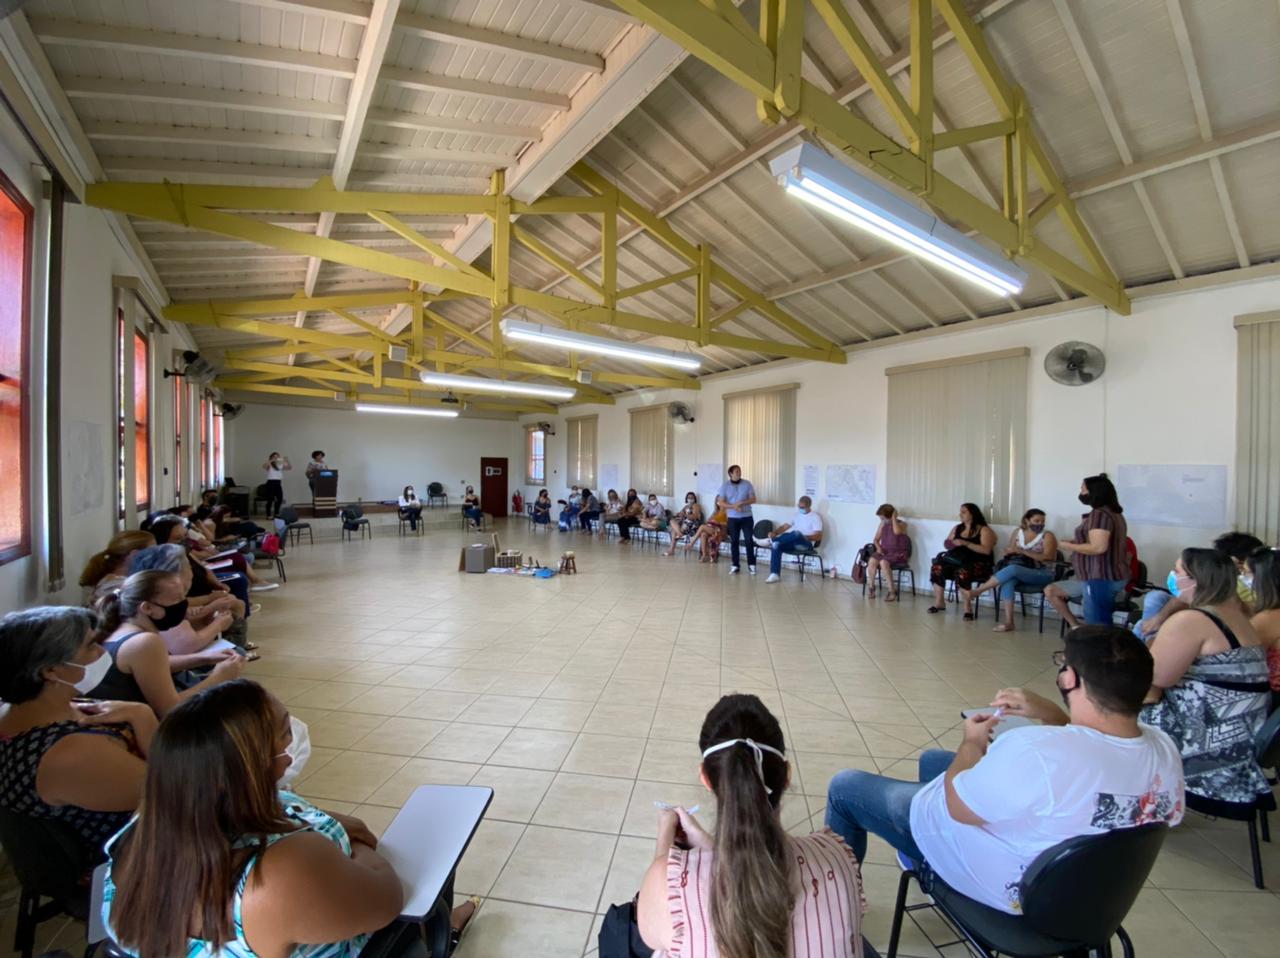 Imagem mostra uma sala com pessoas sentadas em roda.